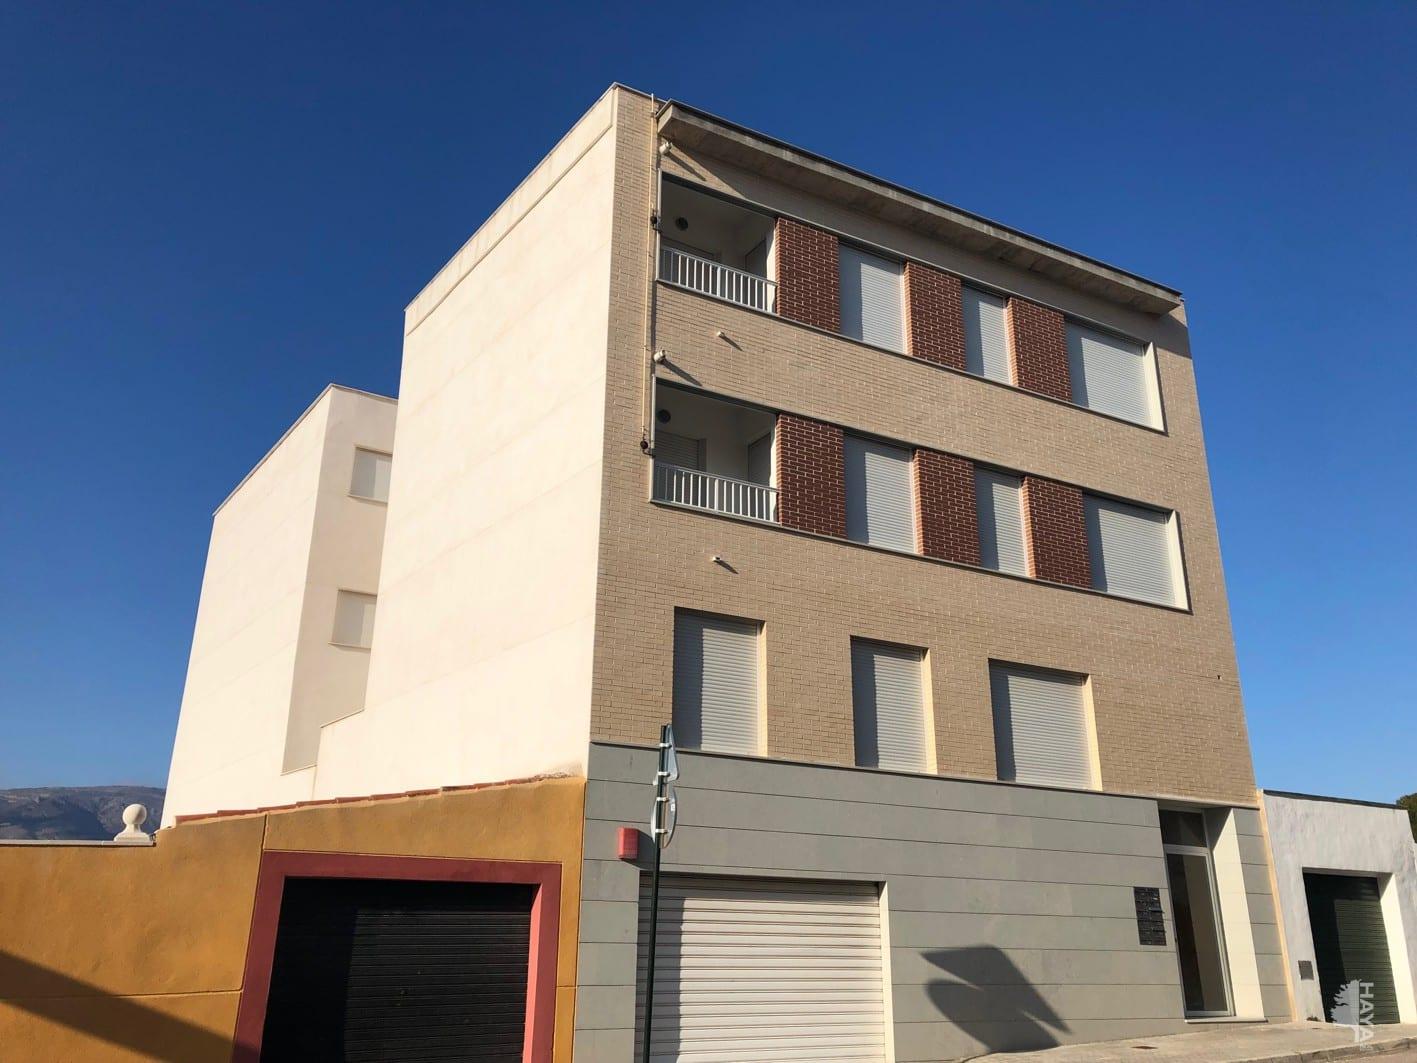 Piso en venta en Viaducte, Alcoy/alcoi, Alicante, Calle Sant Joan de Ribera, 72.000 €, 2 habitaciones, 1 baño, 69 m2